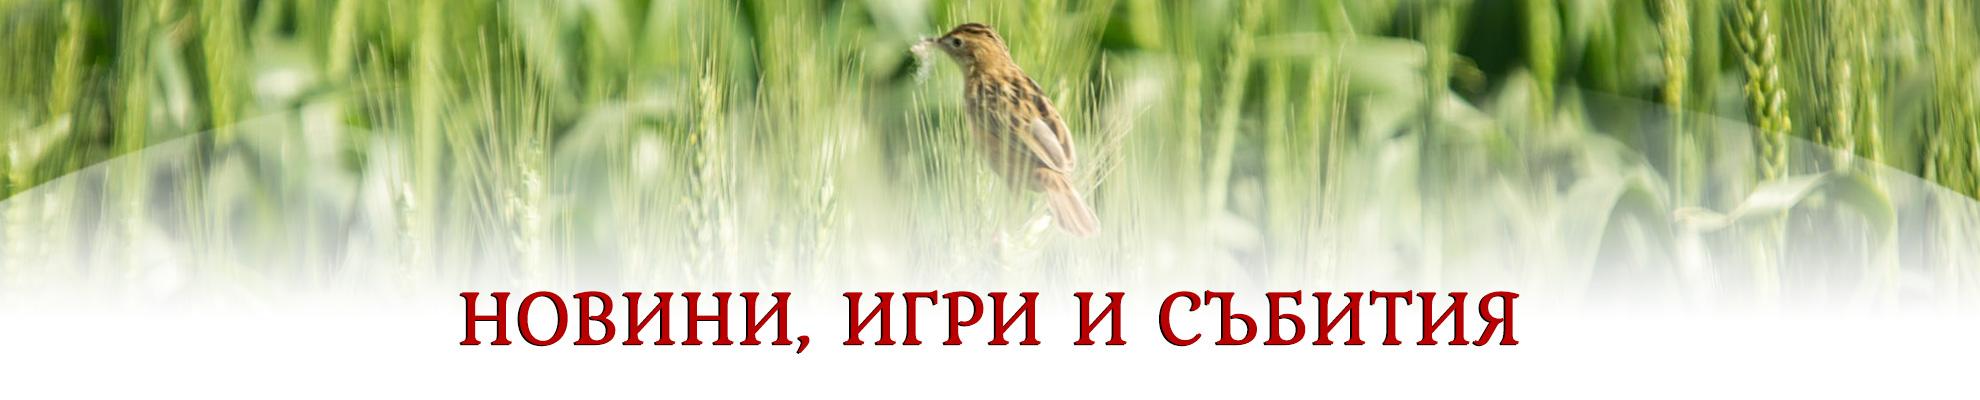 """Новини - Фирма """"Млин-97"""" участва в  25-то издание на GULFOOD"""